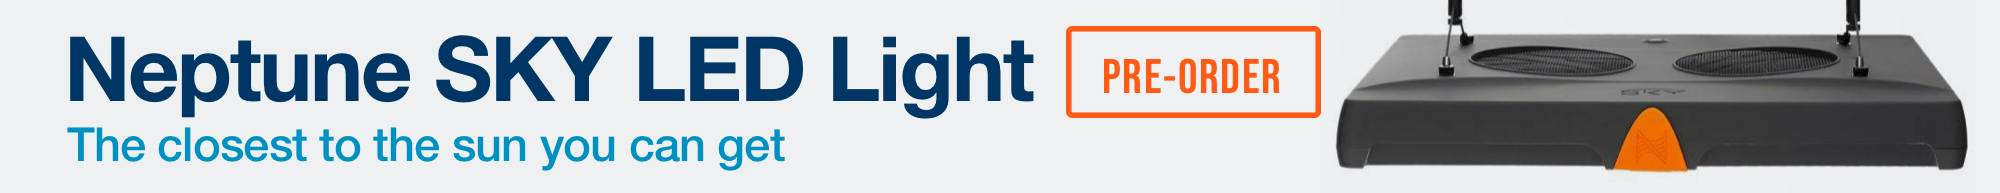 New Neptune SKY LED Light - Pre Order Now